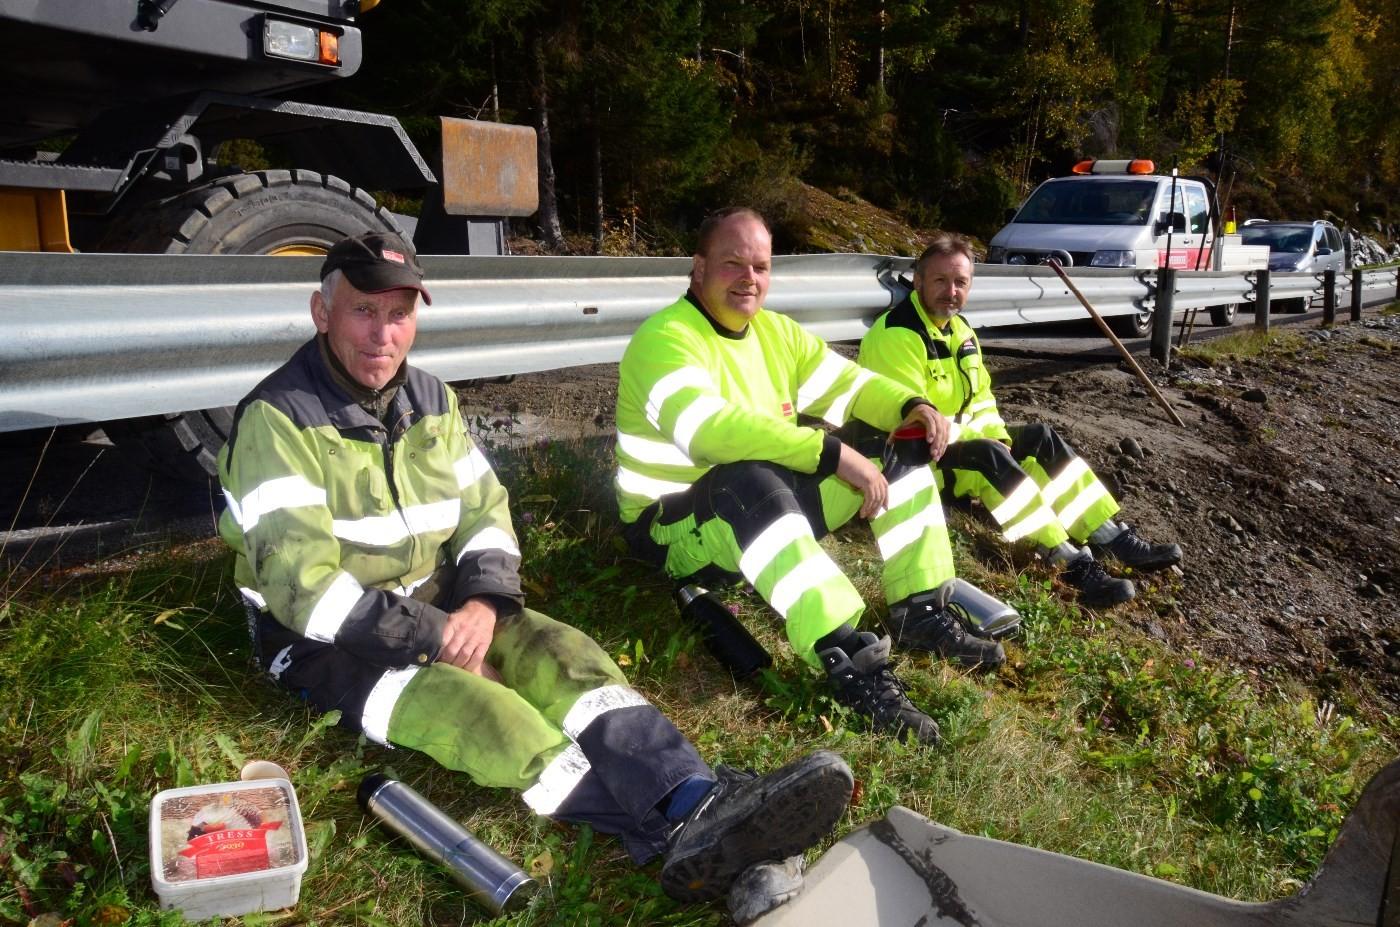 Pause frå arbeidet med asfaltlegginga. Frå venstre Ola Garte, Lars Arne Bøe og Kjell Svensli.  Foto: Jon Olav Ørsal